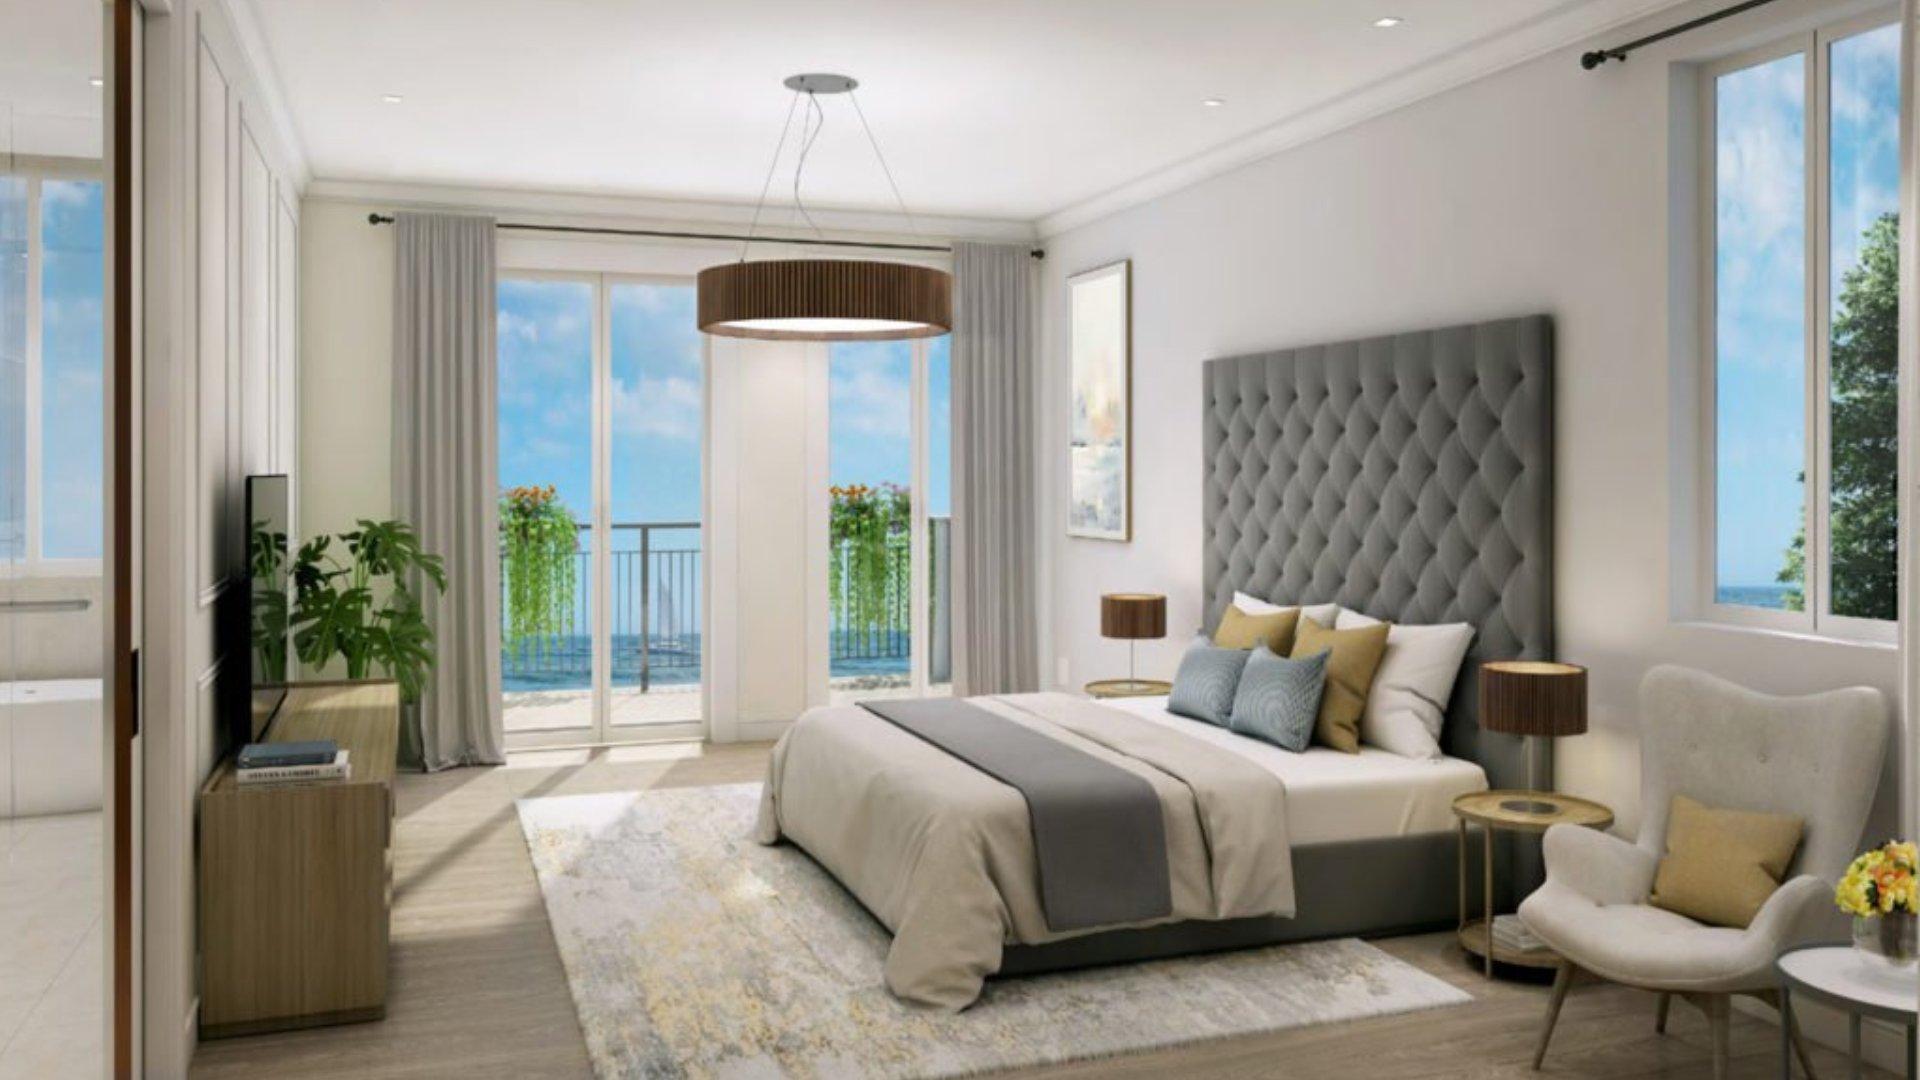 Adosado en venta en Dubai, EAU, 4 dormitorios, 445 m2, № 24331 – foto 3